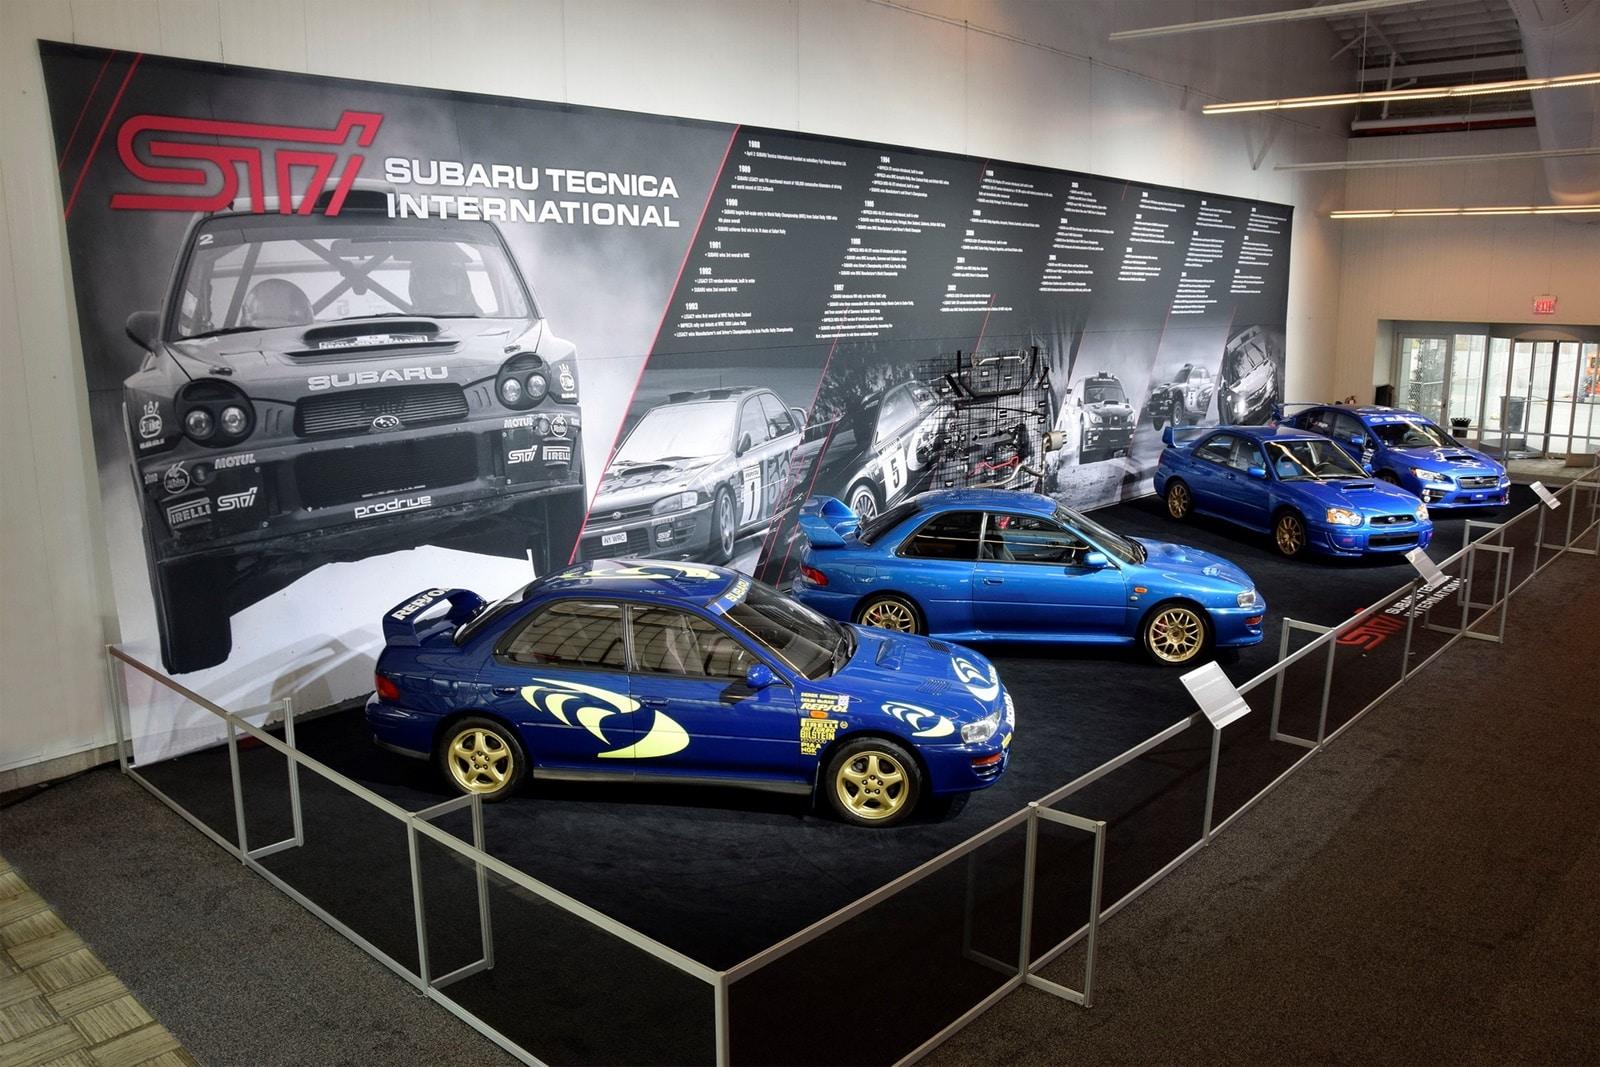 Subaru Tecnica International, más conocida como las siglas 'STI'